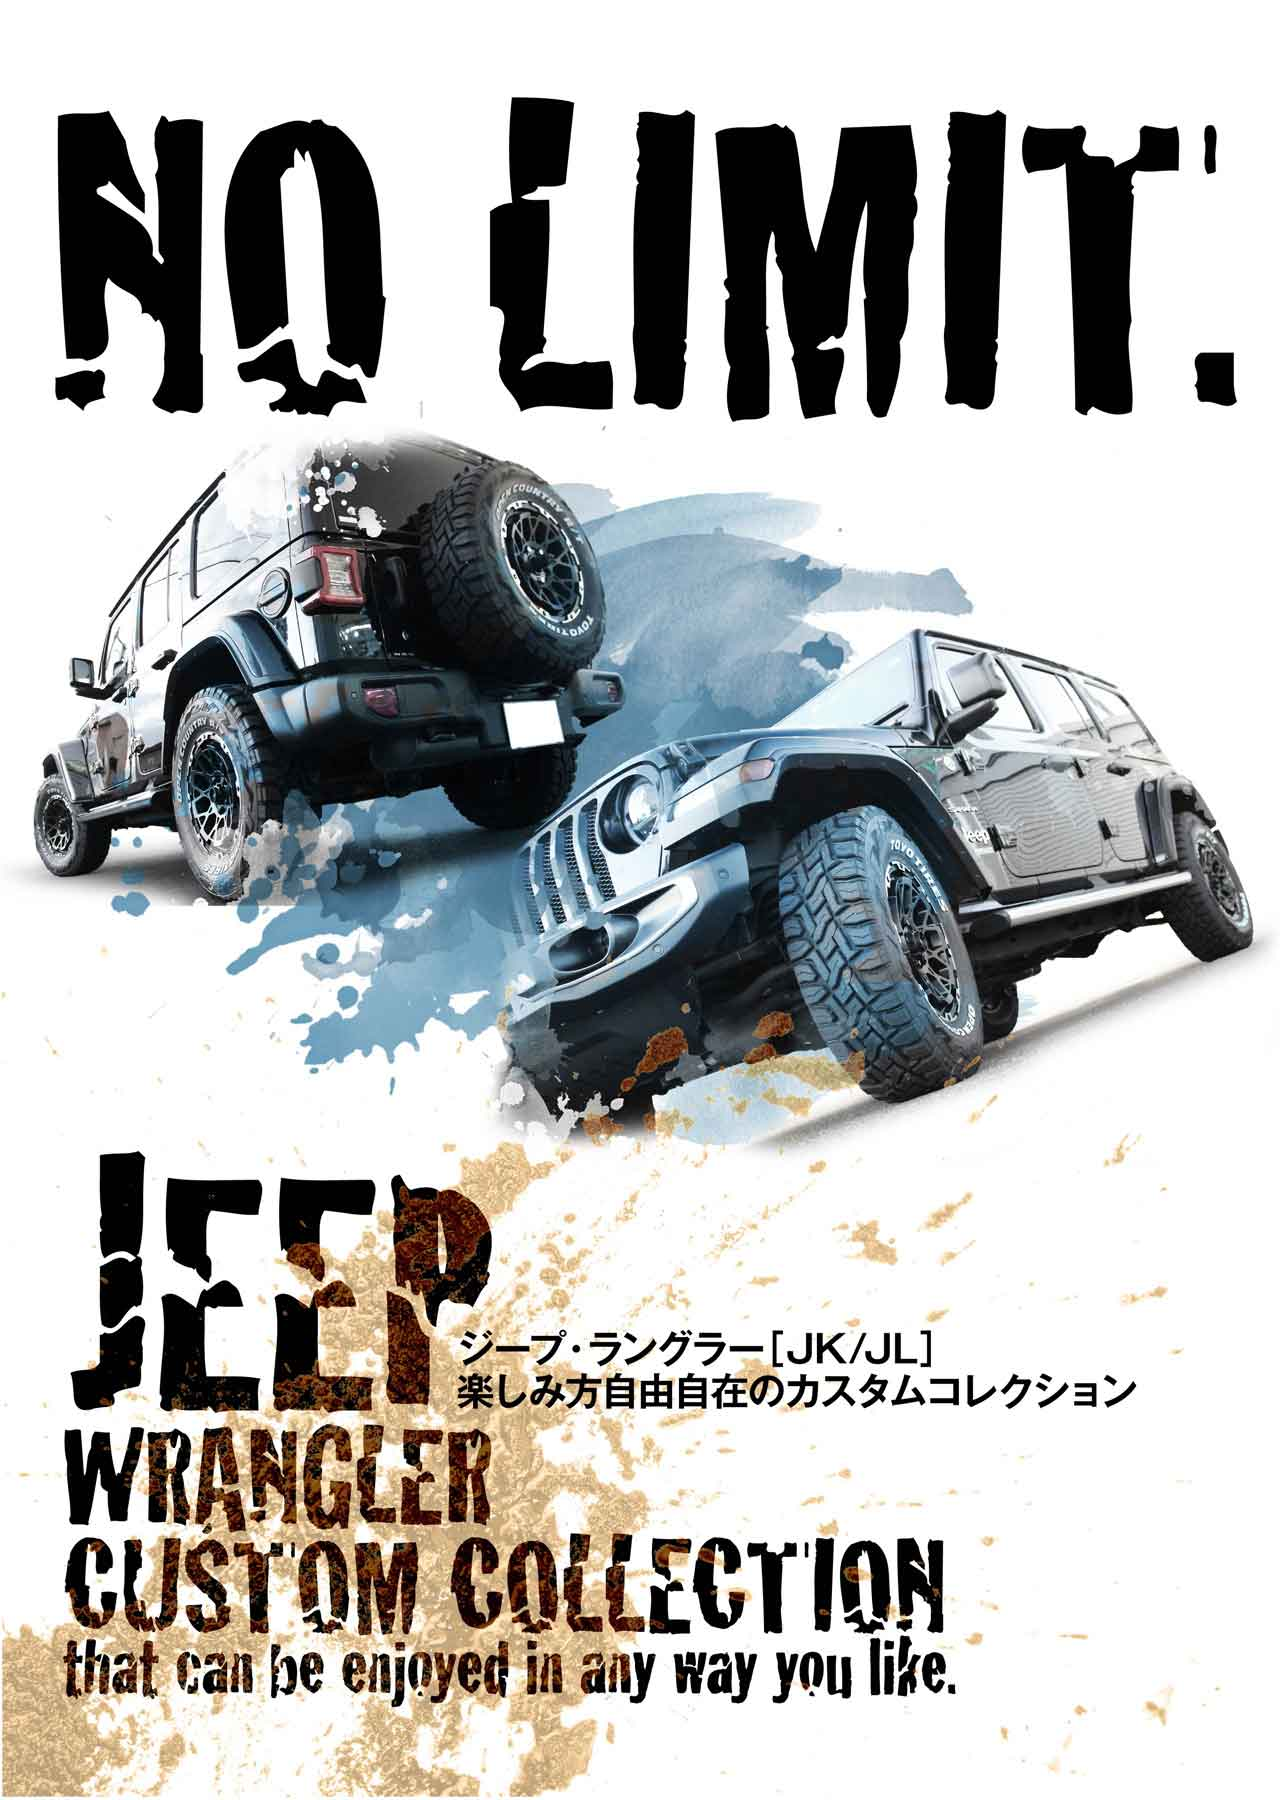 ジープ・ラングラー(JK/JL)カスタムコレクション